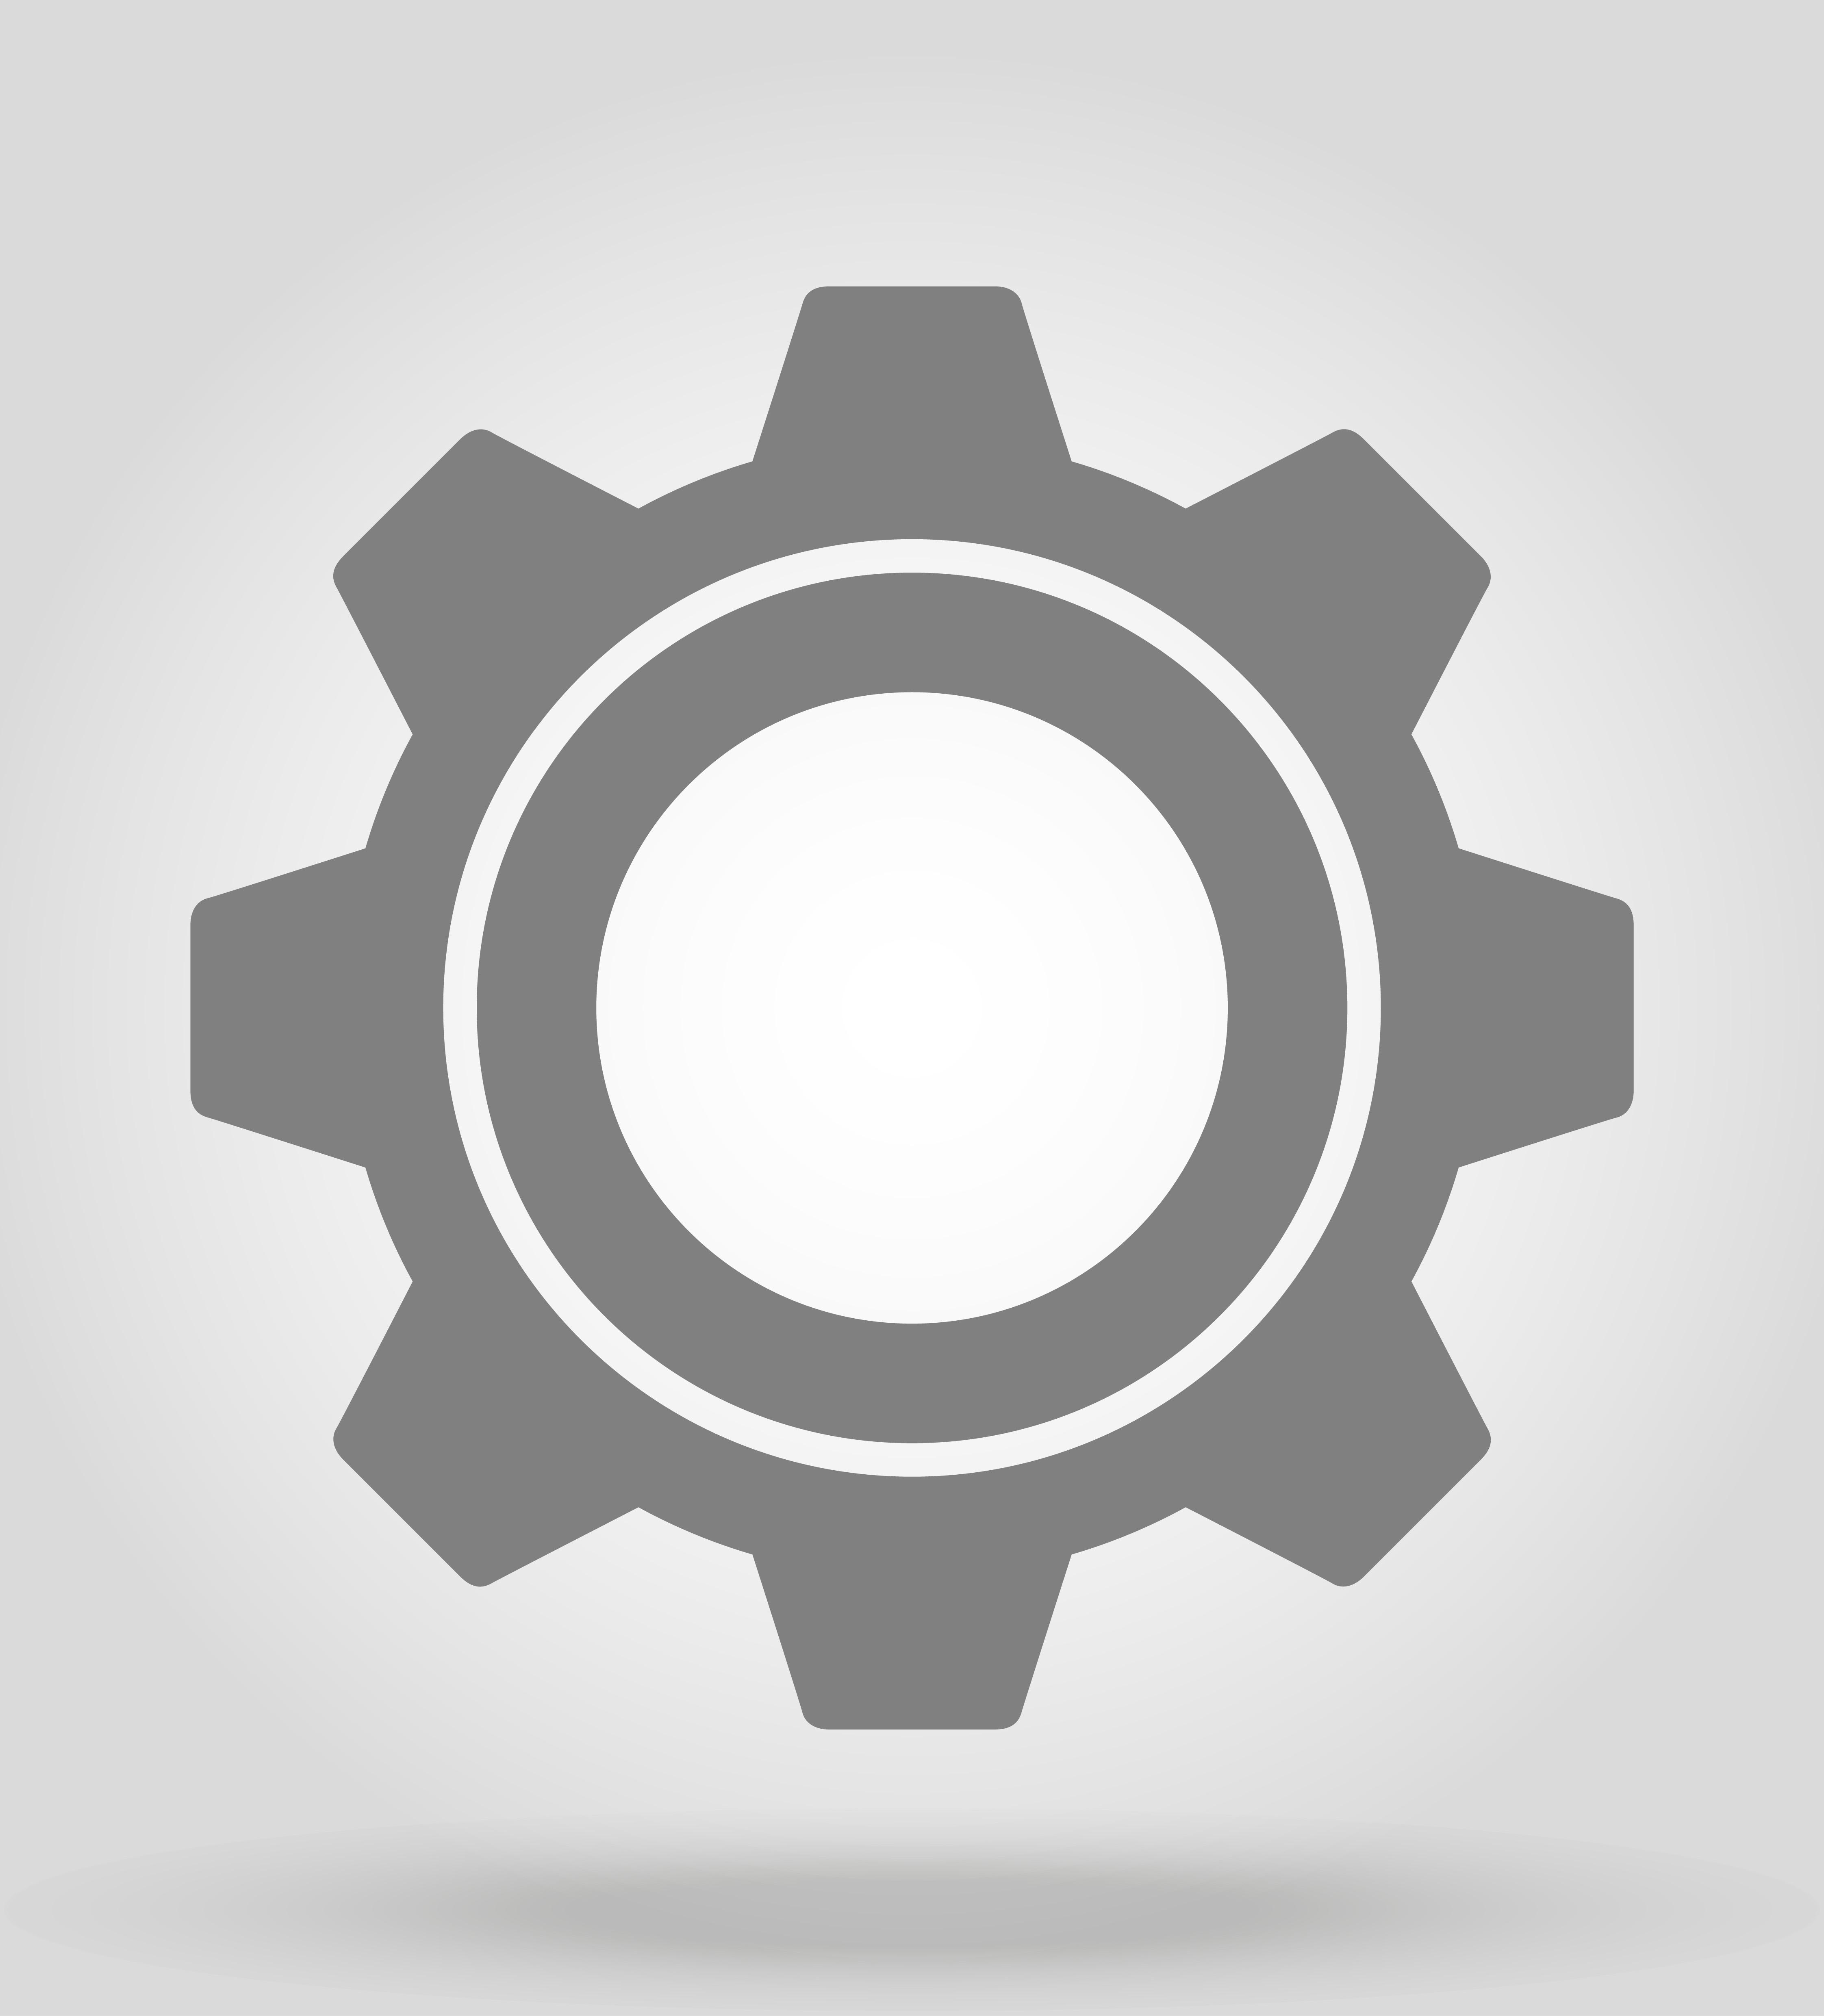 icon gear vector illustration - Download Free Vectors ...